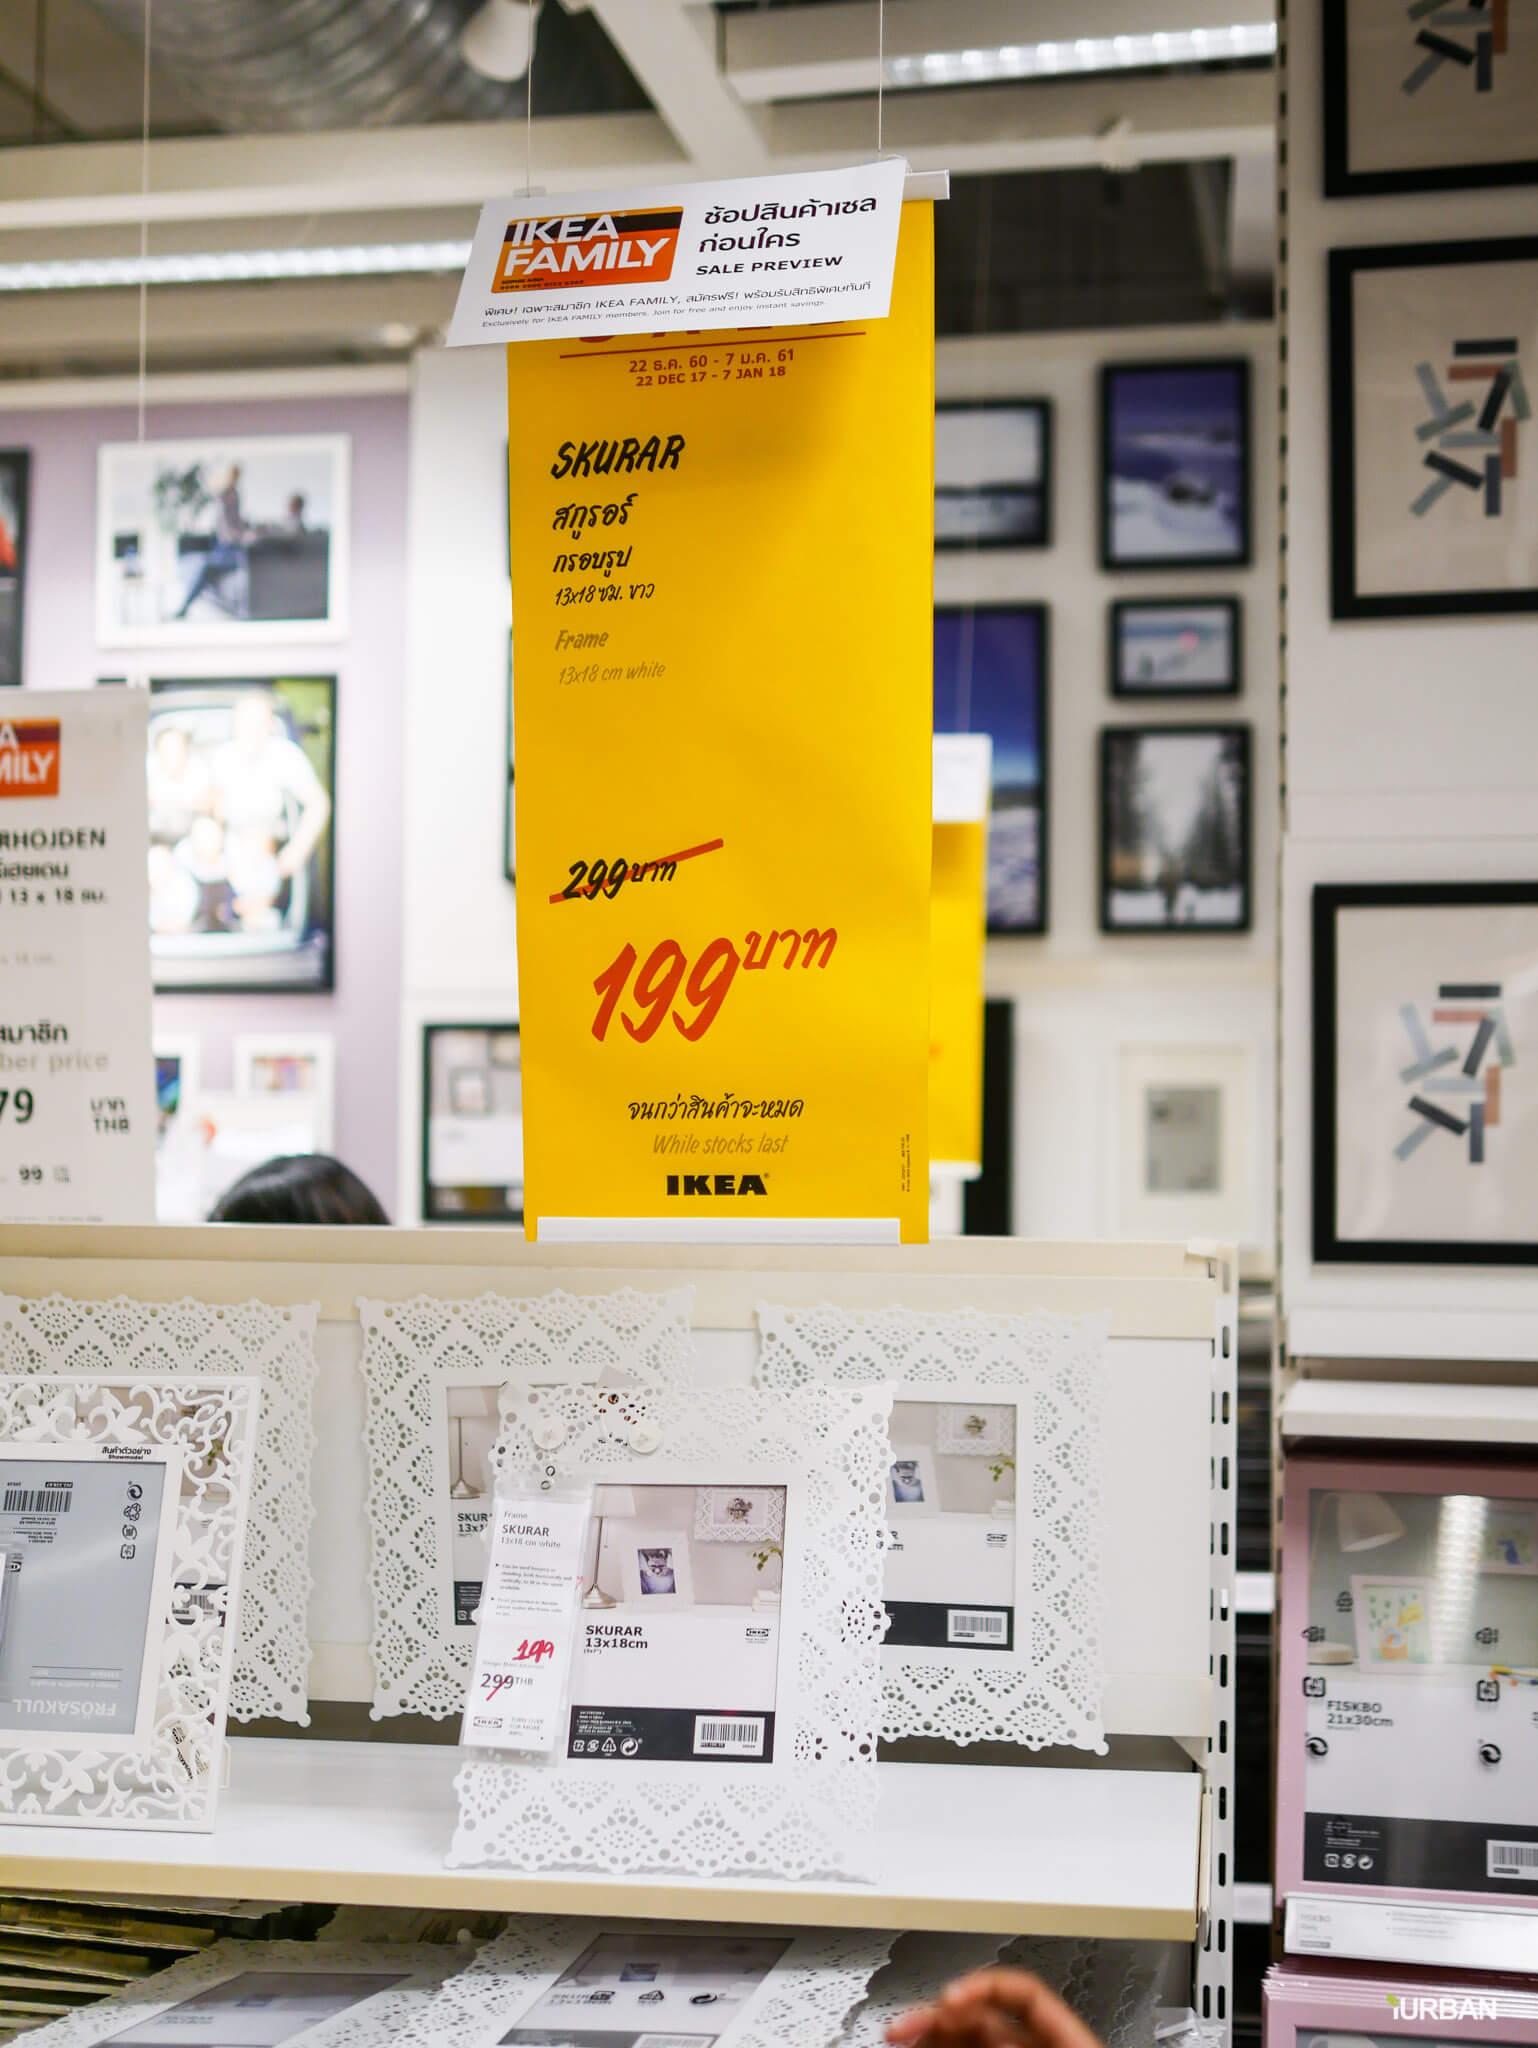 มันเยอะมากกกก!! IKEA Year End SALE 2017 รวมของเซลในอิเกีย ลดเยอะ ลดแหลก รีบพุ่งตัวไป วันนี้ - 7 มกราคม 61 201 - IKEA (อิเกีย)